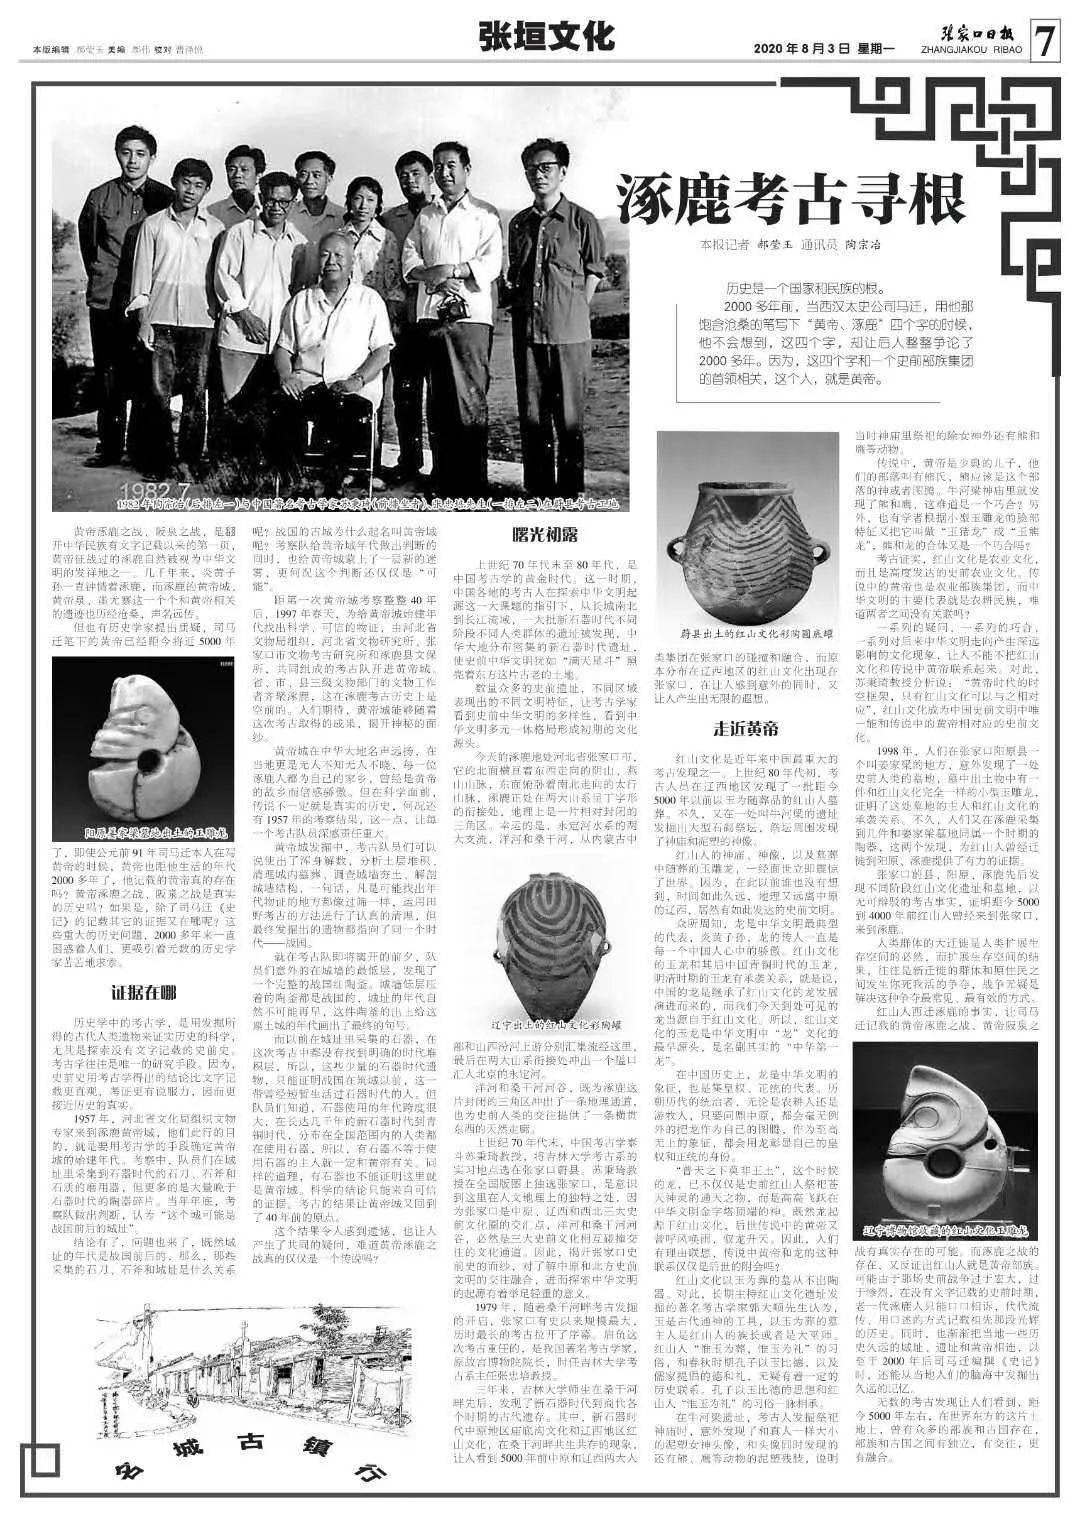 张垣文化——涿鹿考古寻根